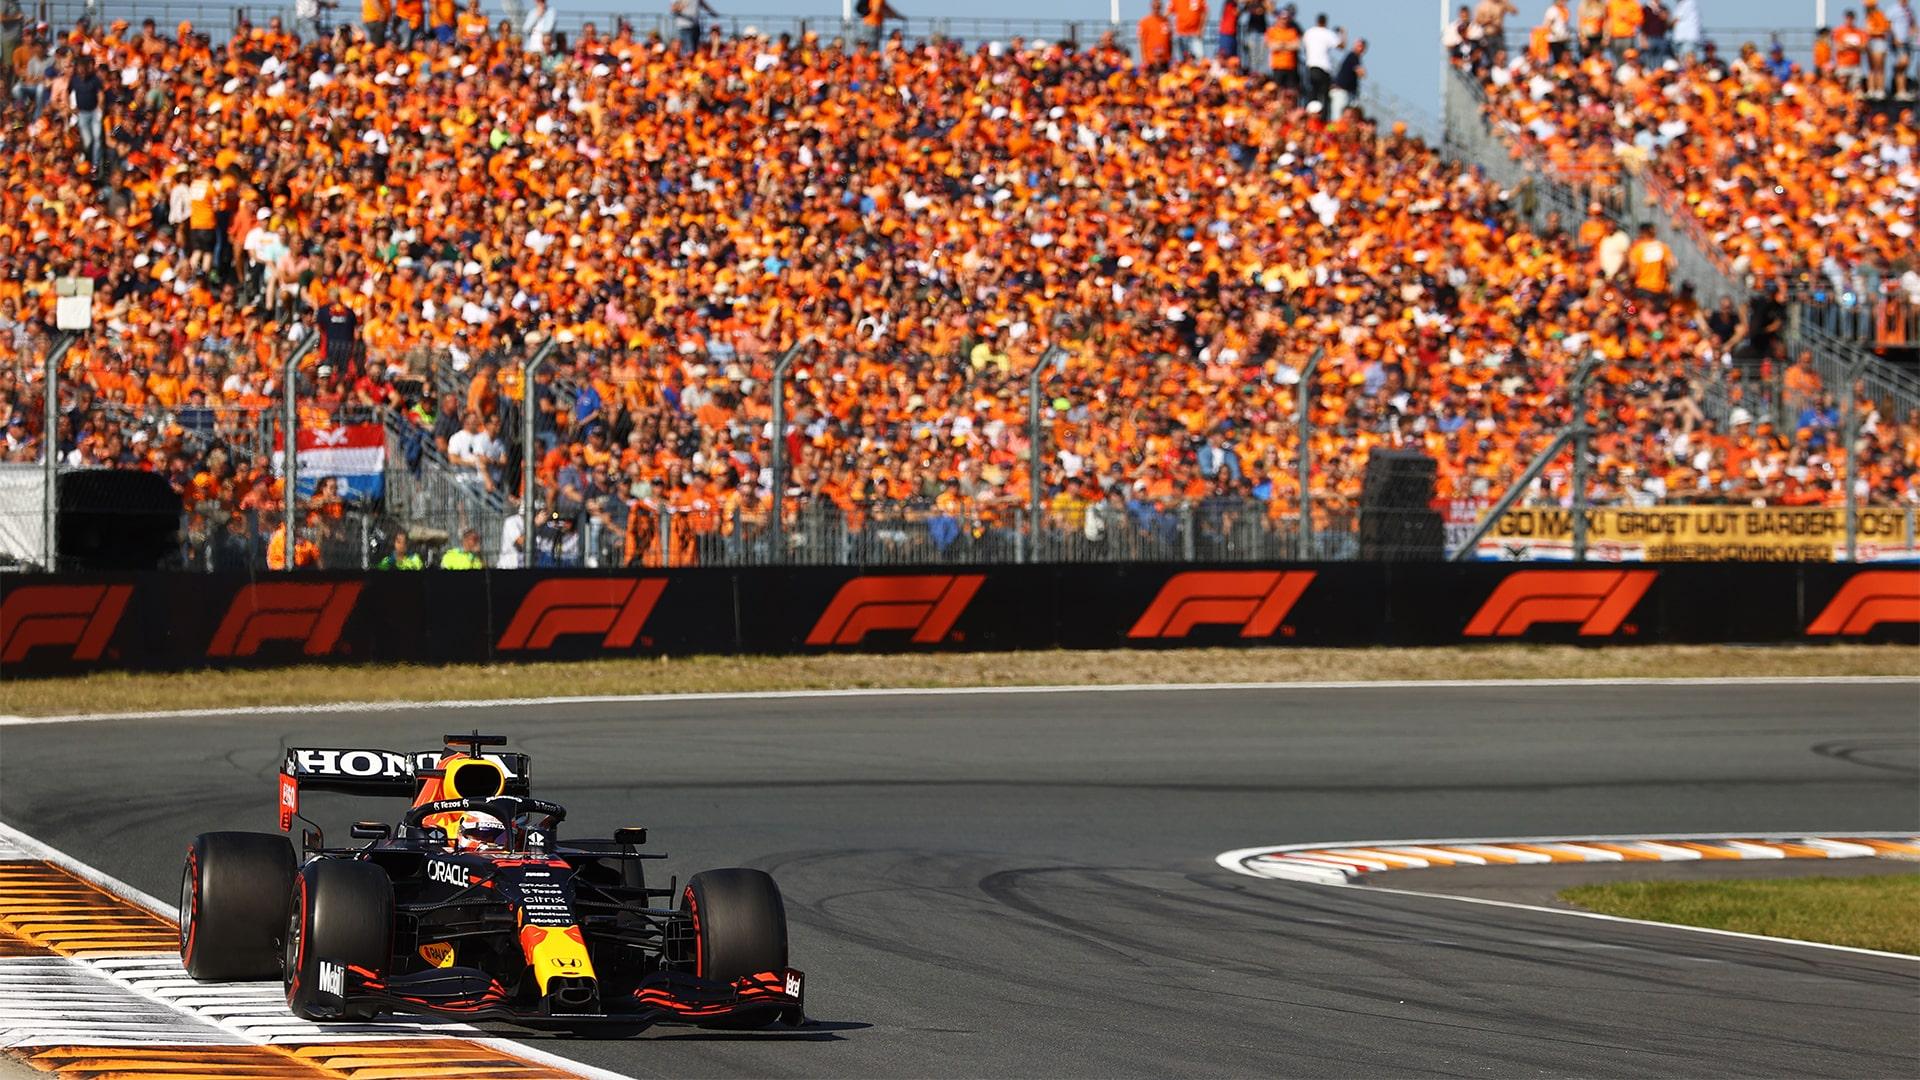 Formula 1 Max Verstappen trionfa in casa VINCERE A ZANDVOORT È INCREDIBILE